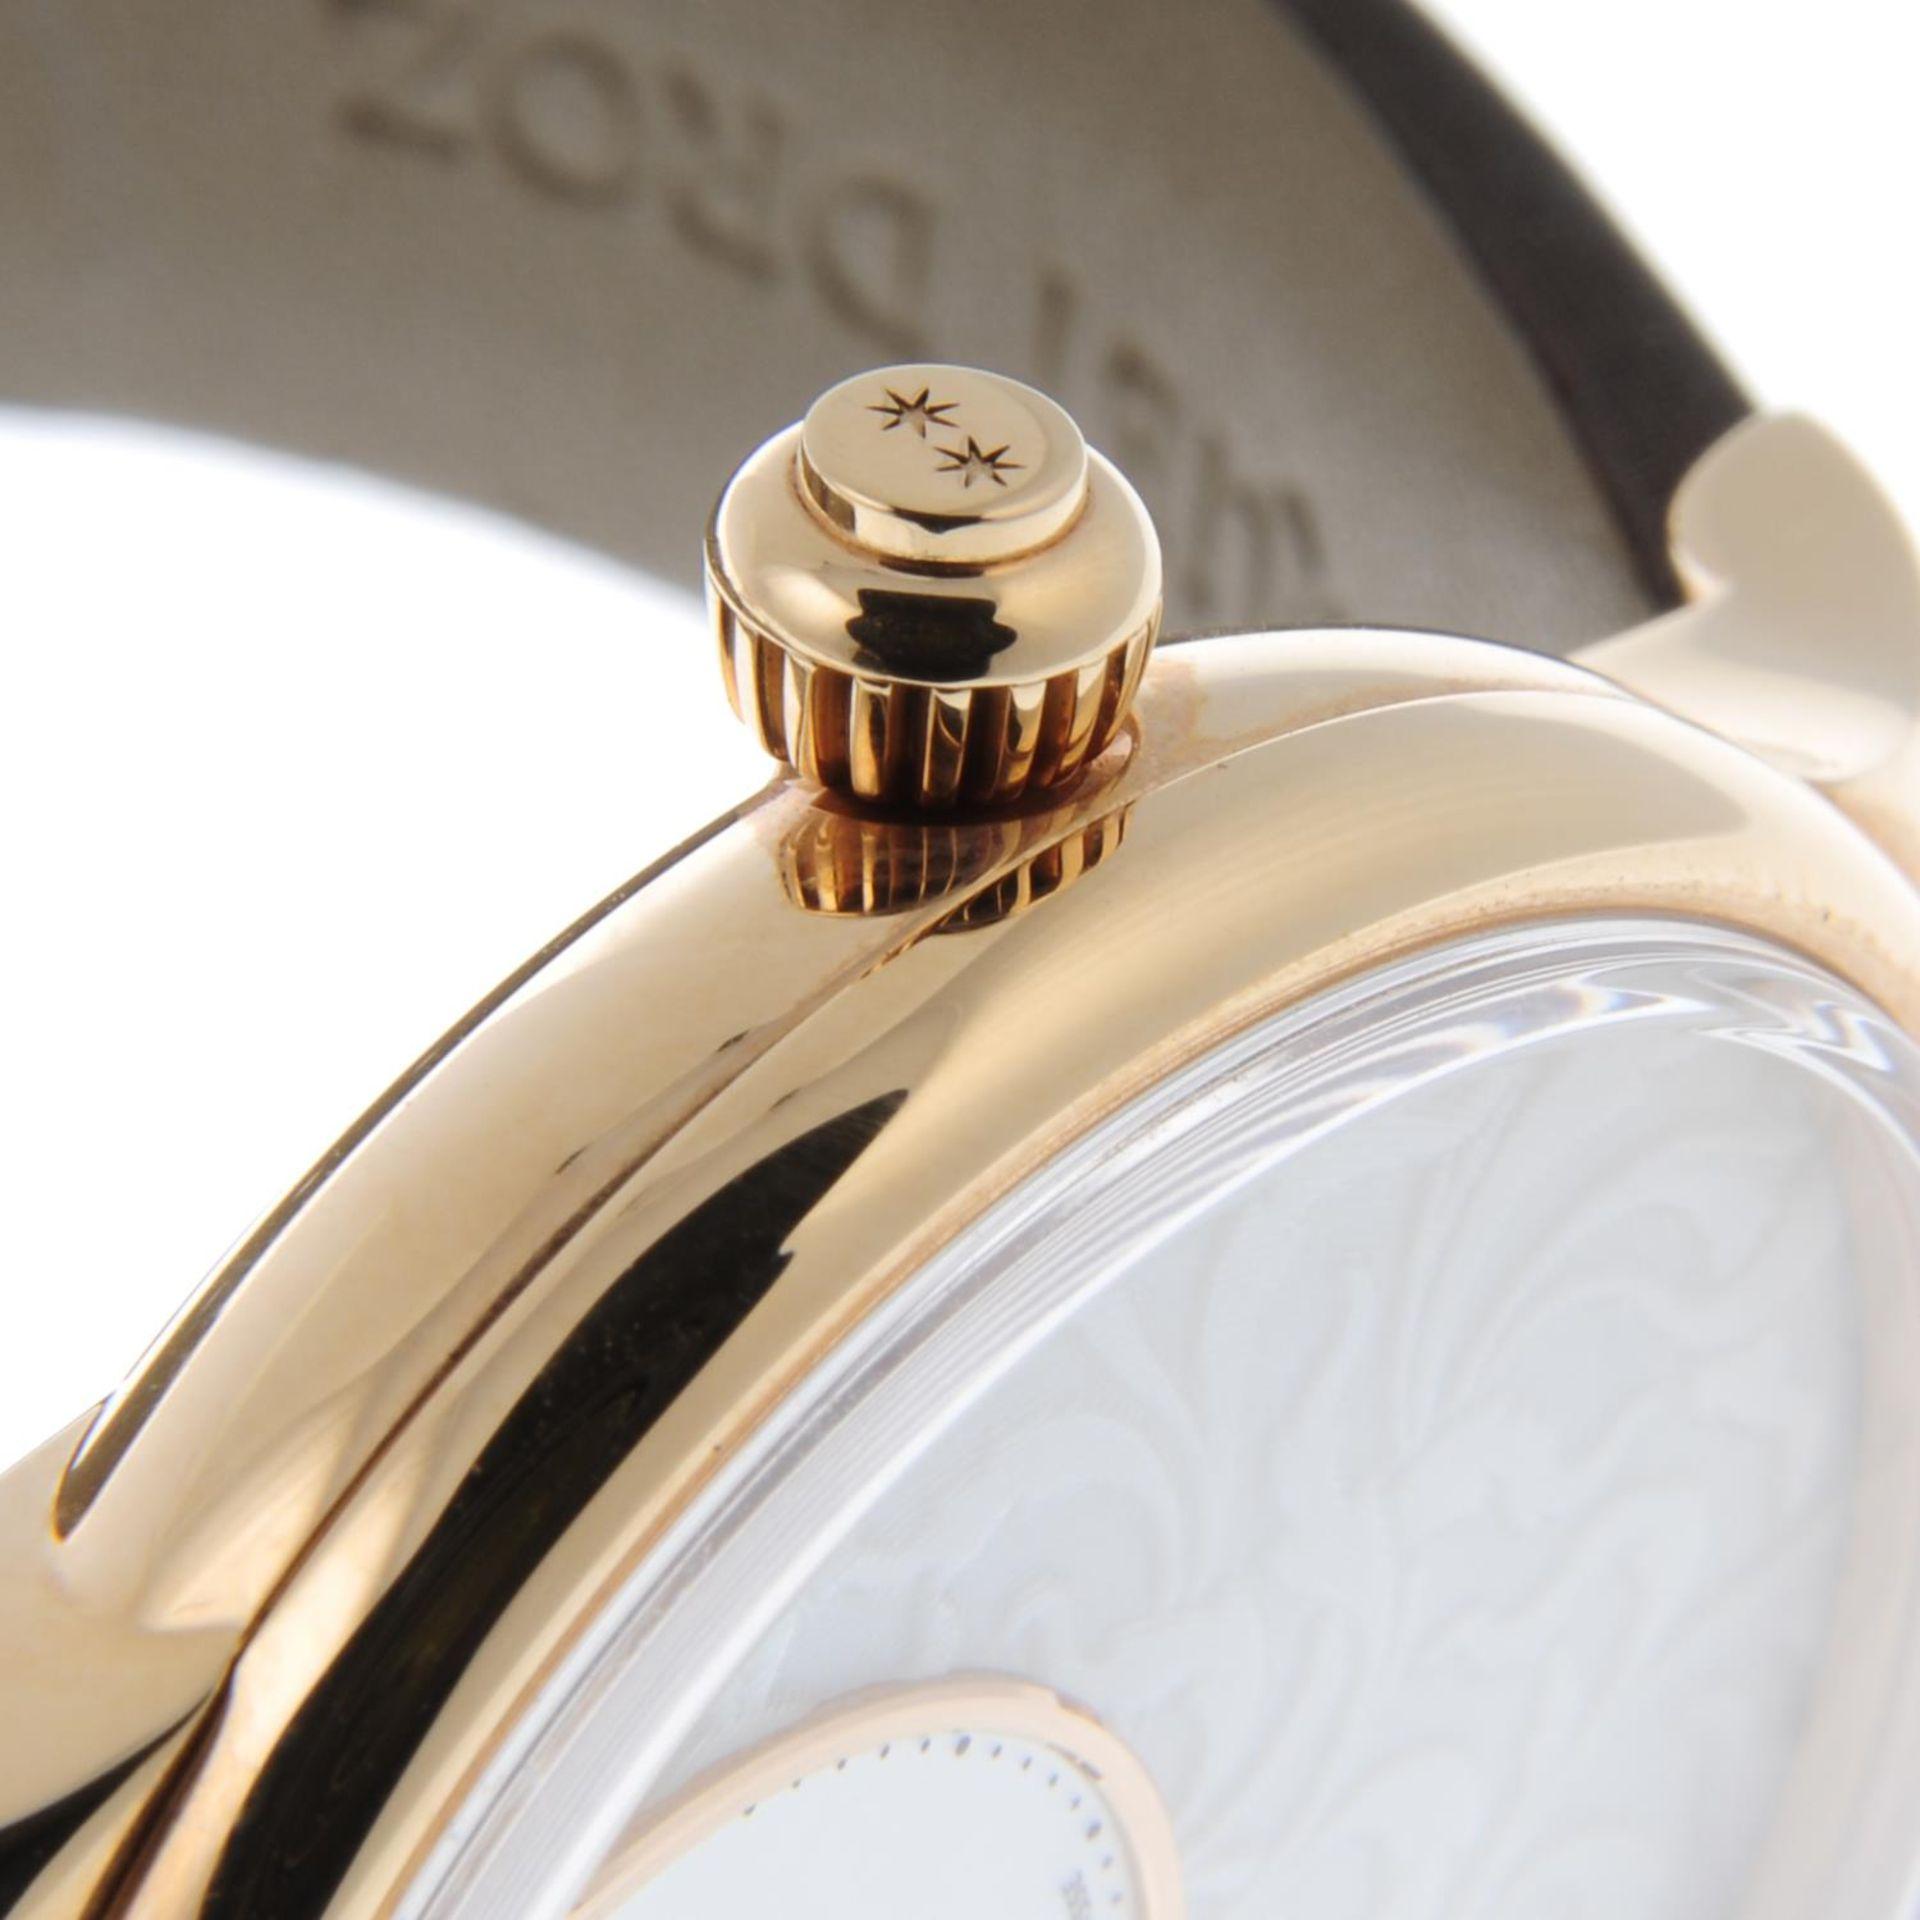 JAQUET DROZ - a limited edition Petite Heure Minute Art Deco wrist watch. - Bild 6 aus 6